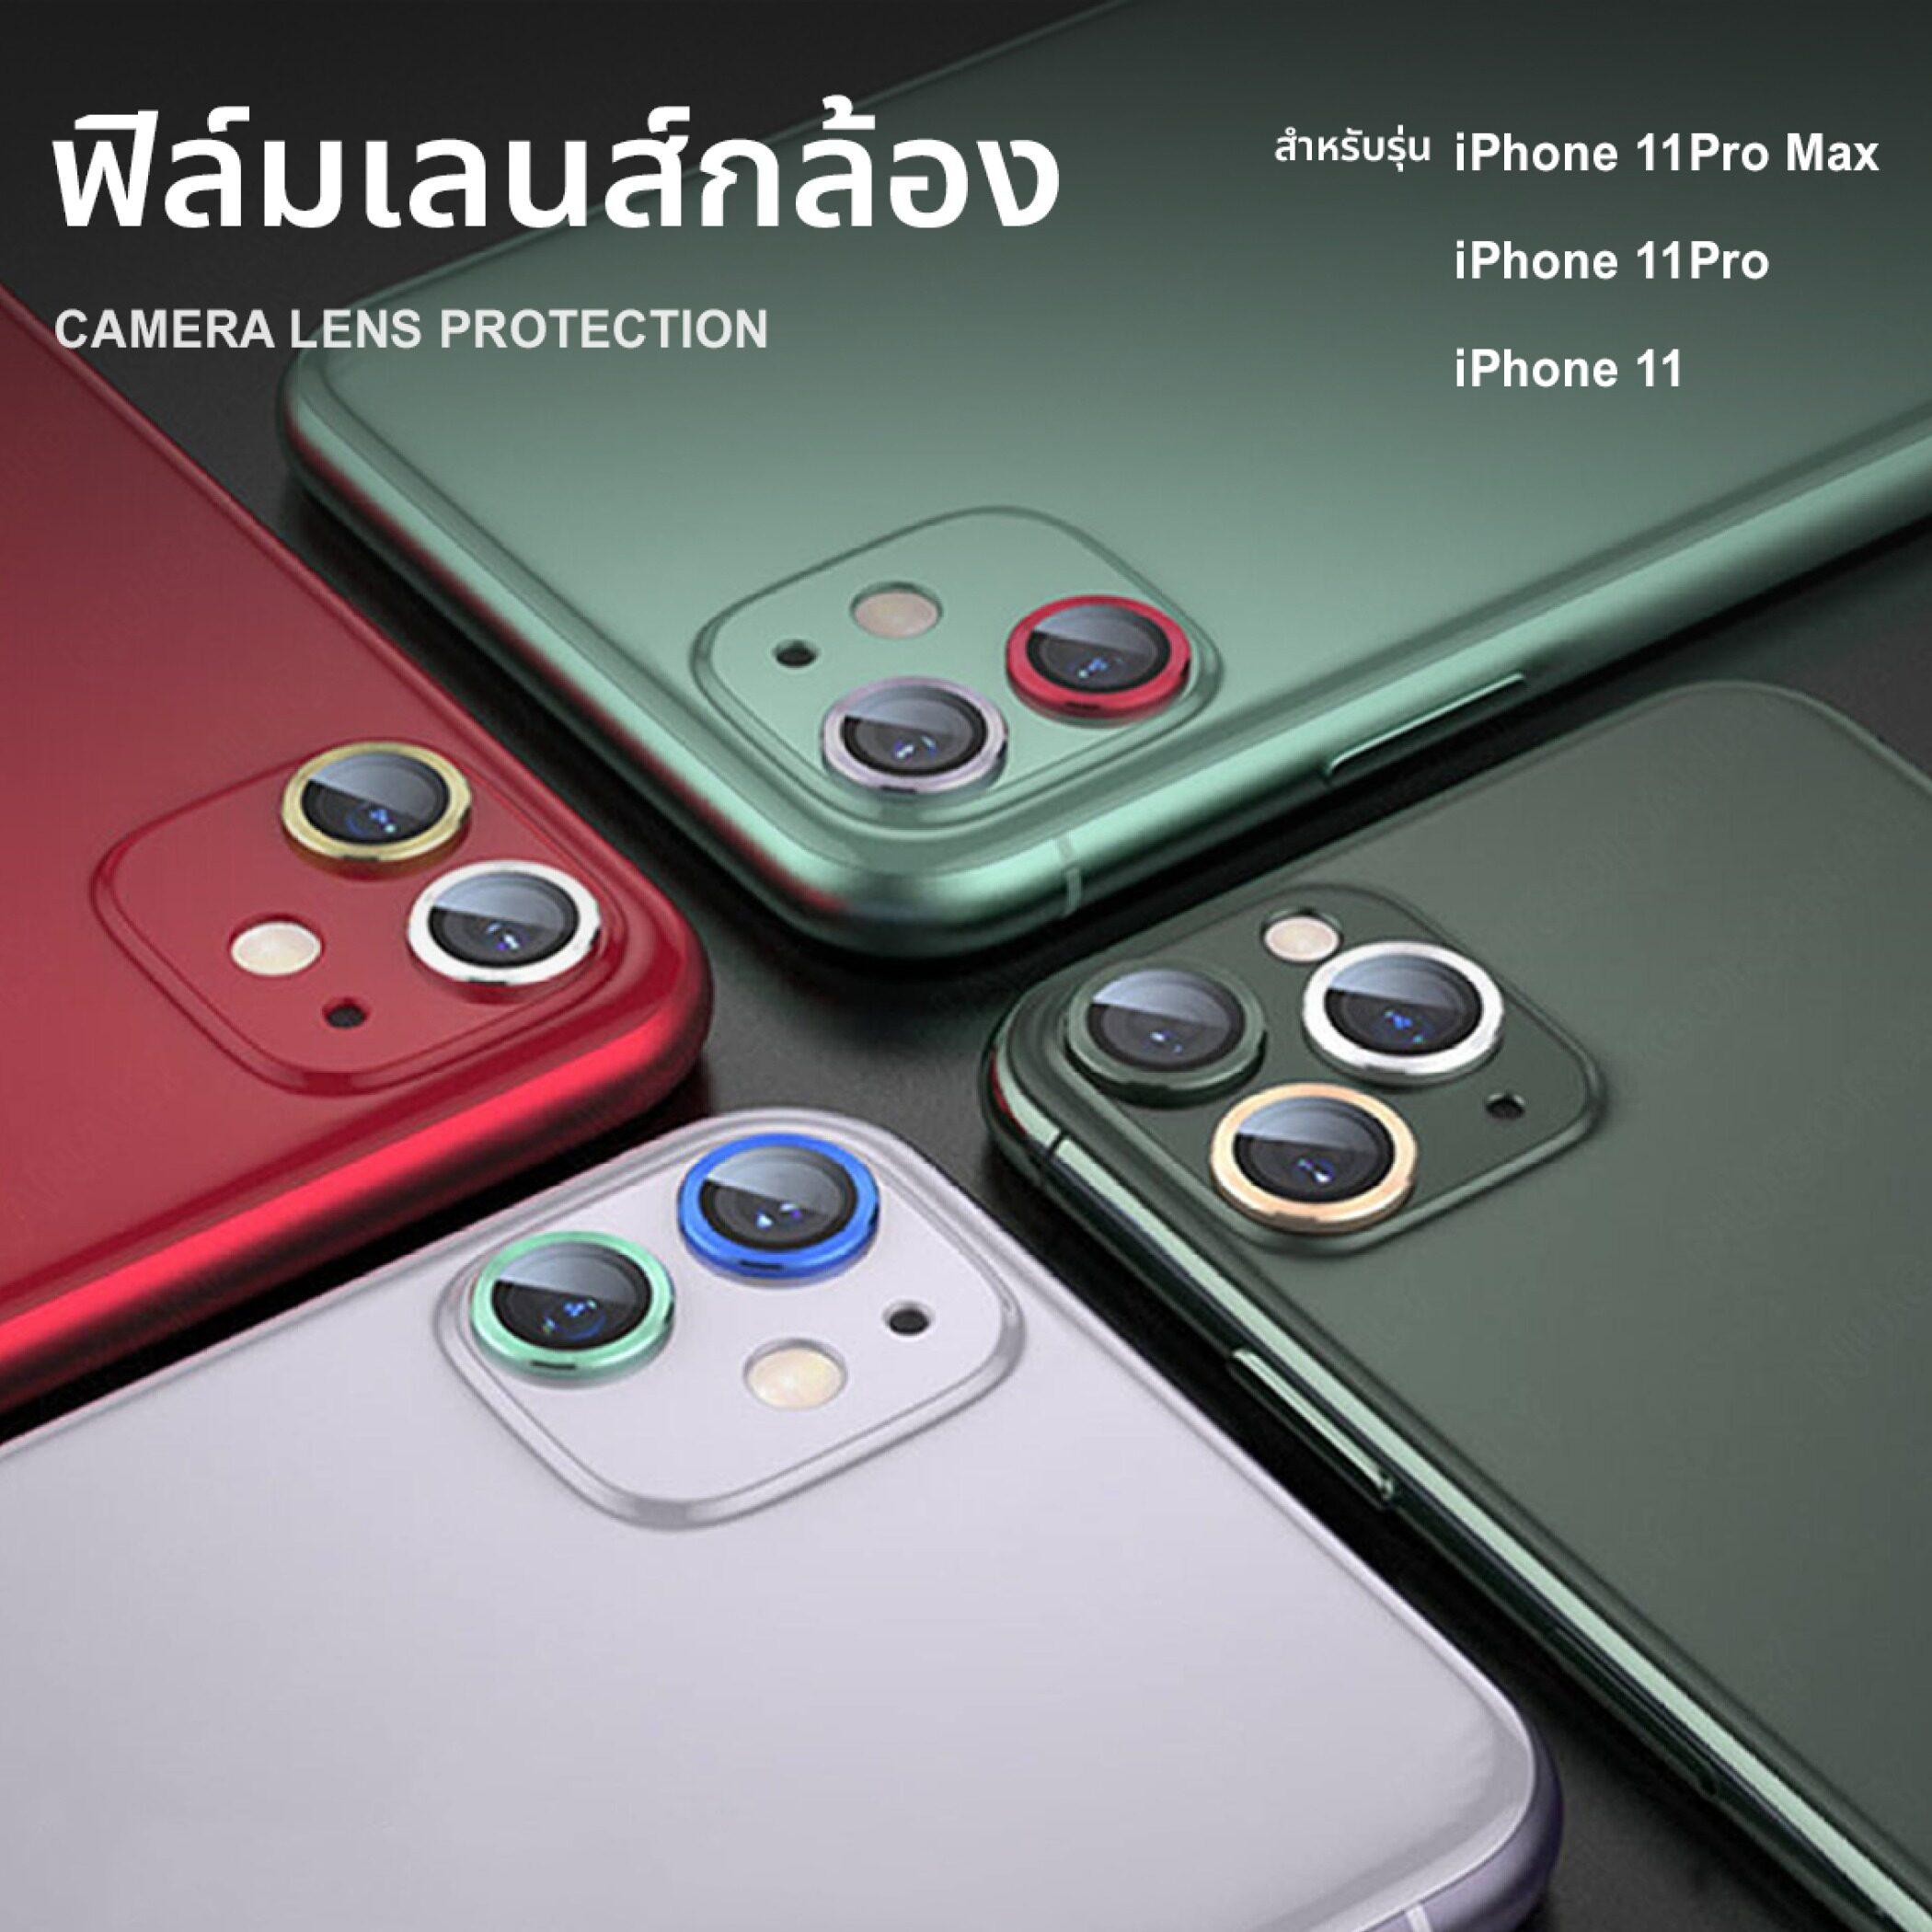 เลนส์กล้อง Iphone 11 ฟิล์มกล้อง Iphone 11 ฟิล์มกล้องไอโฟน11 ฟิล์มกล้อง Se 2020 ฟิล์มเลนส์กล้องไอโฟน 11 ฟิล์มกระจกเลนส์กล้อง เลนส์กล้อง Iphone 11 ฟิล์มวงแหวน ฟิล์มครอบเล.